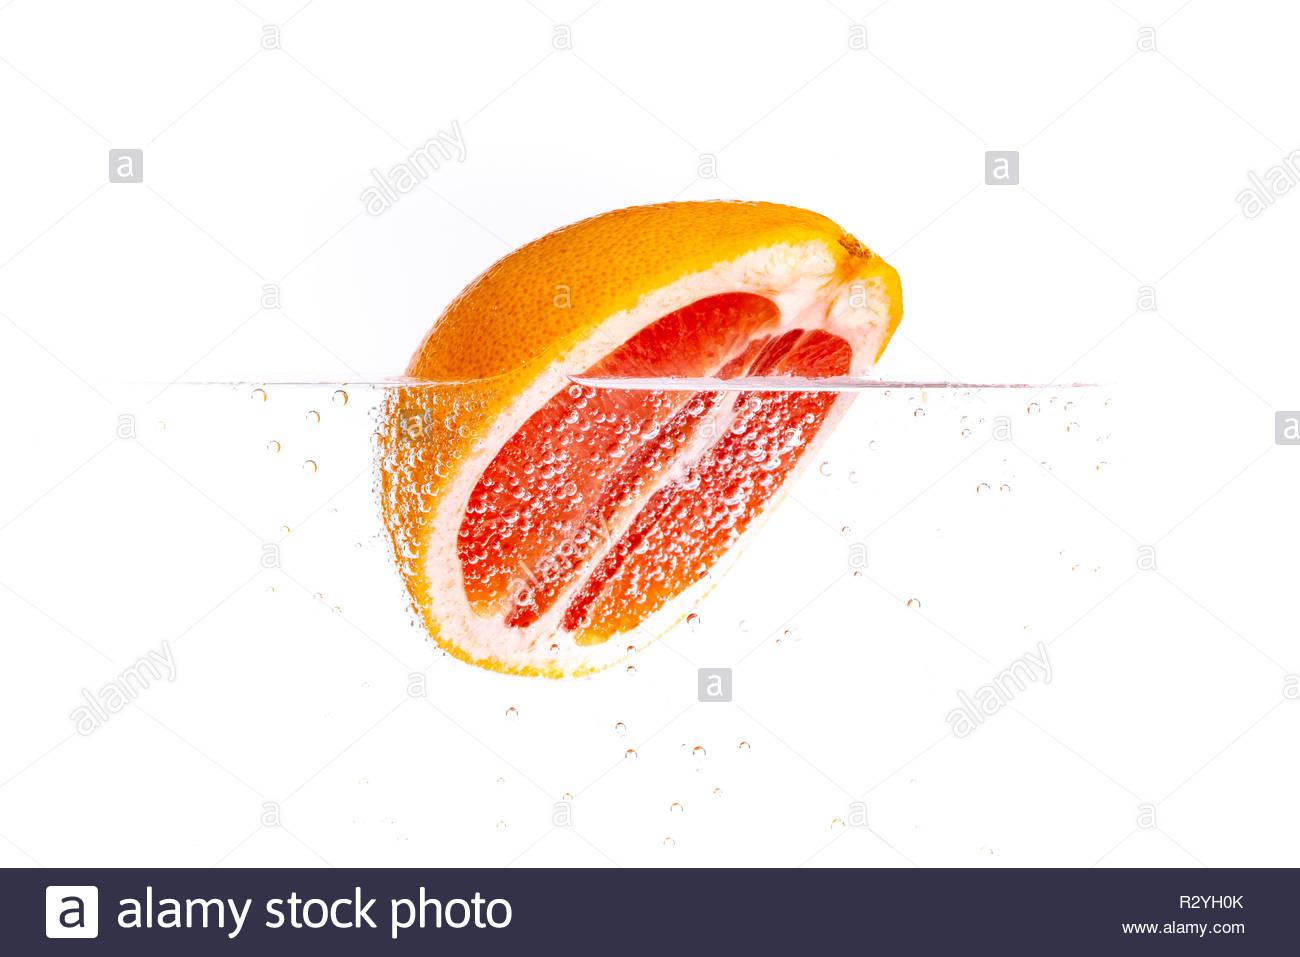 Frische saftige halbe Grapefruit schwimmt im Wasser - Stock Image